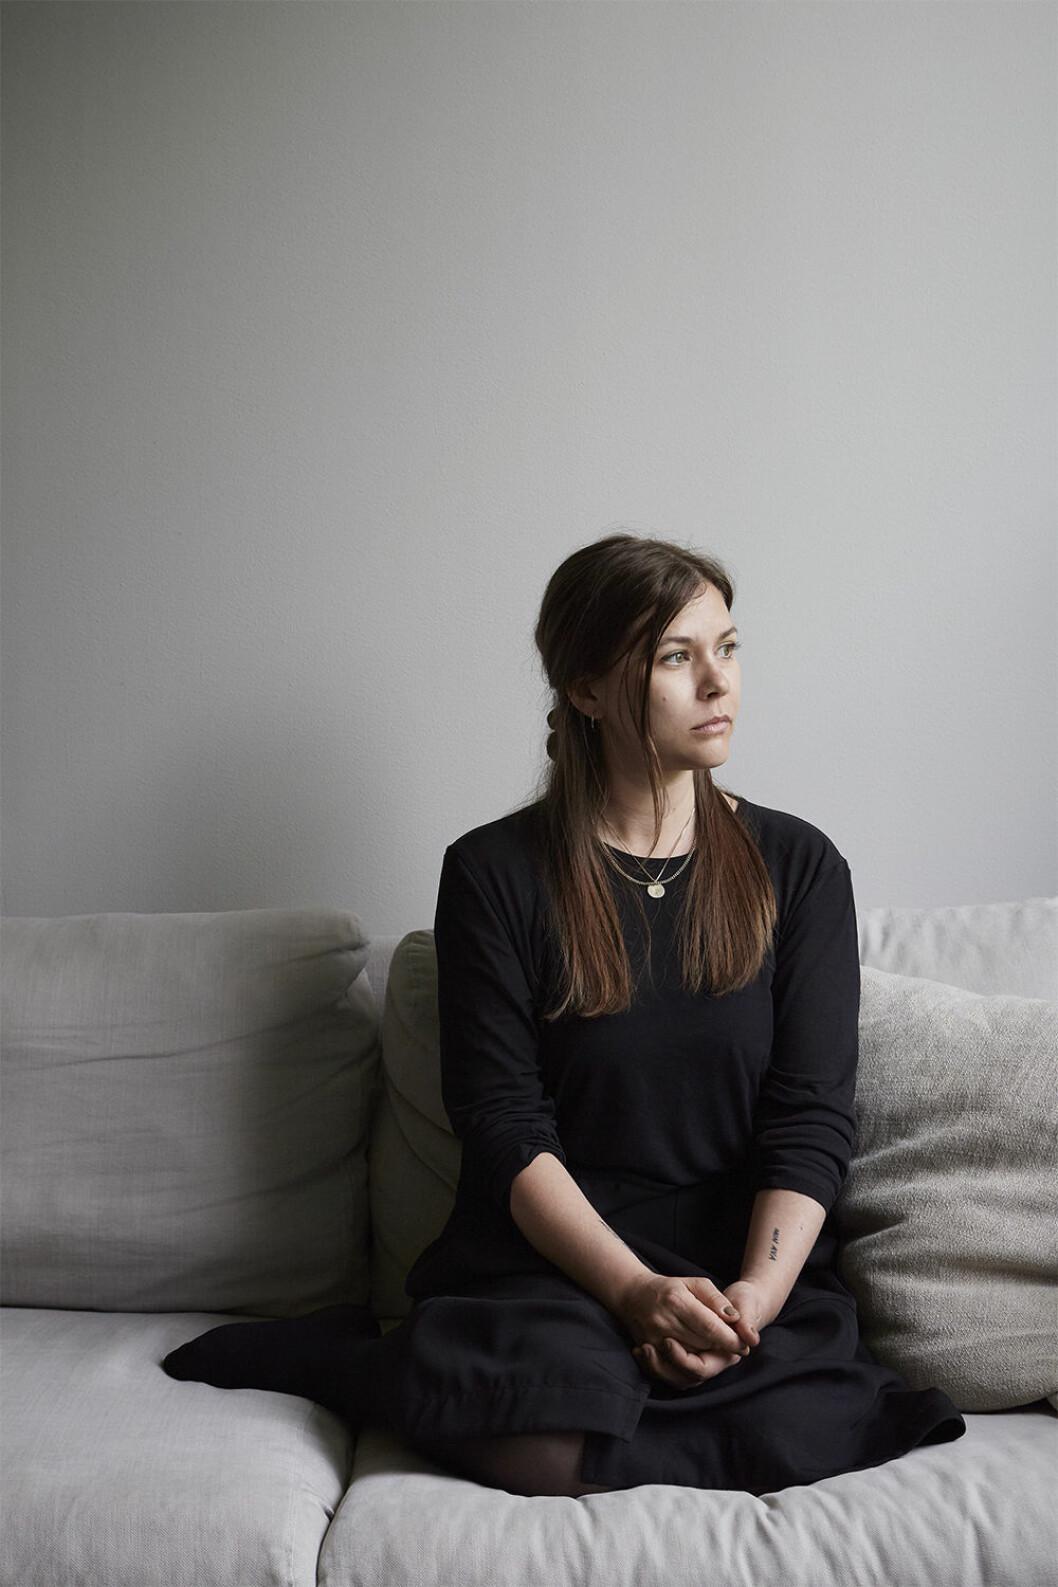 Inredaren och stylisten Ida Lauga om inredningstrender hösten 2020